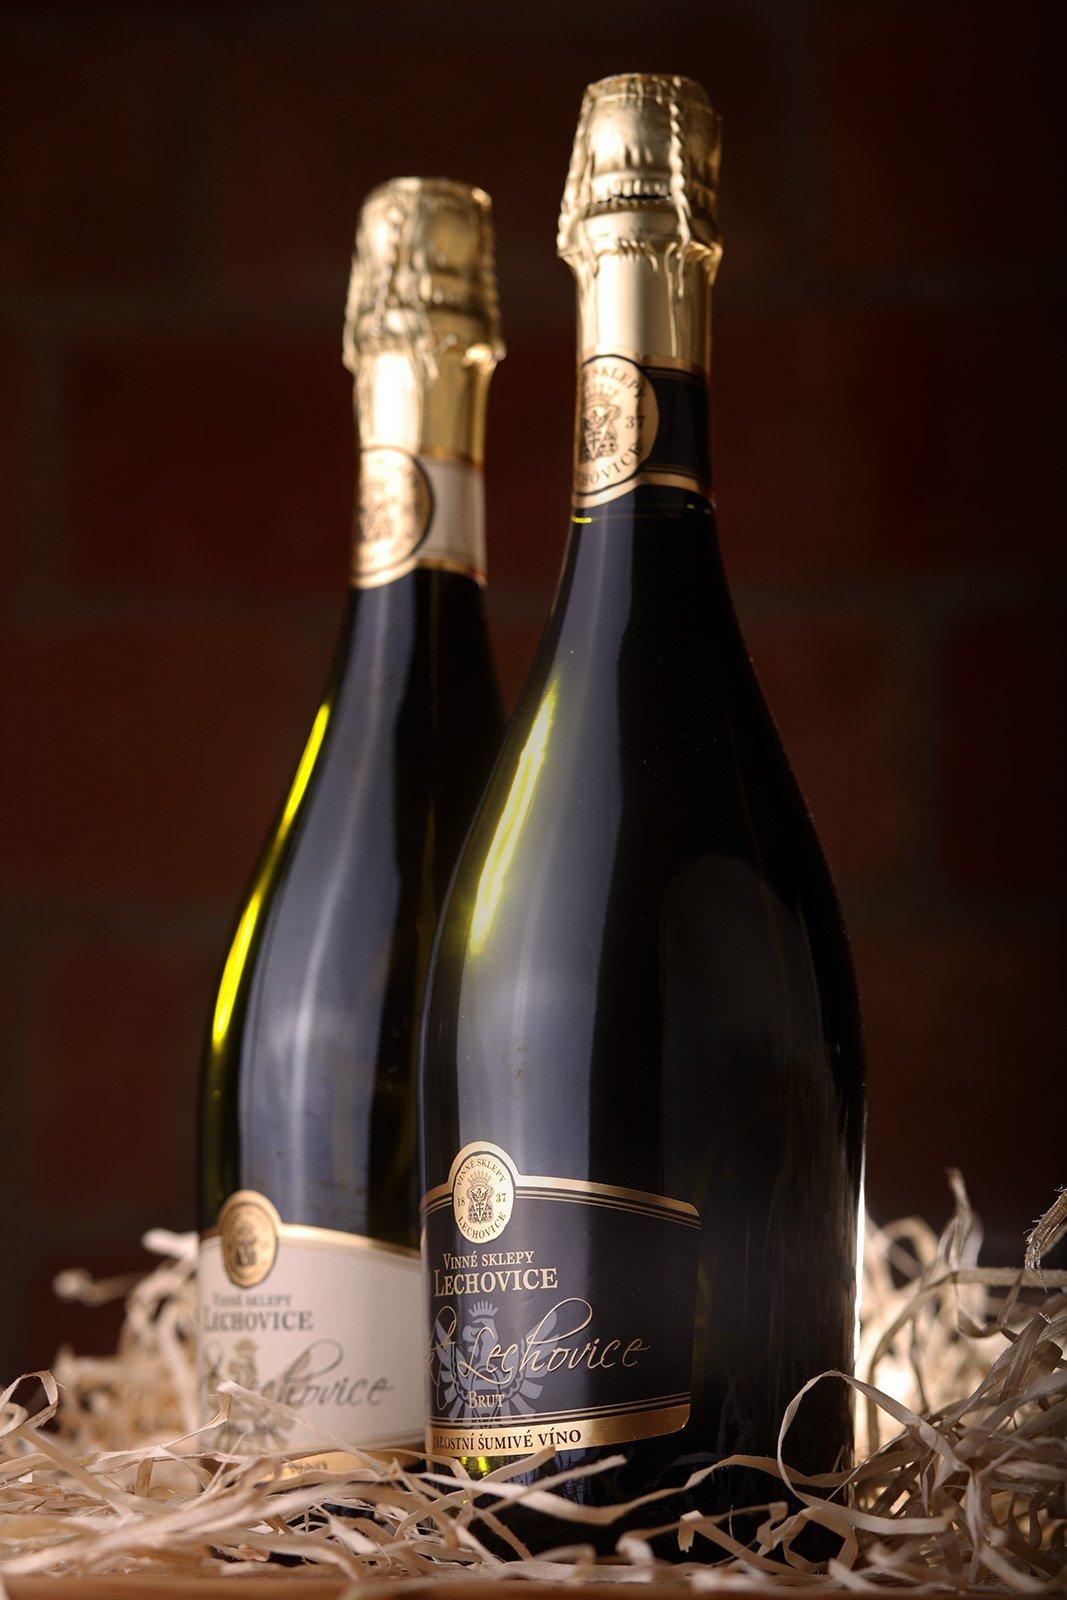 Šumivé víno Vinné sklepy Lechovice